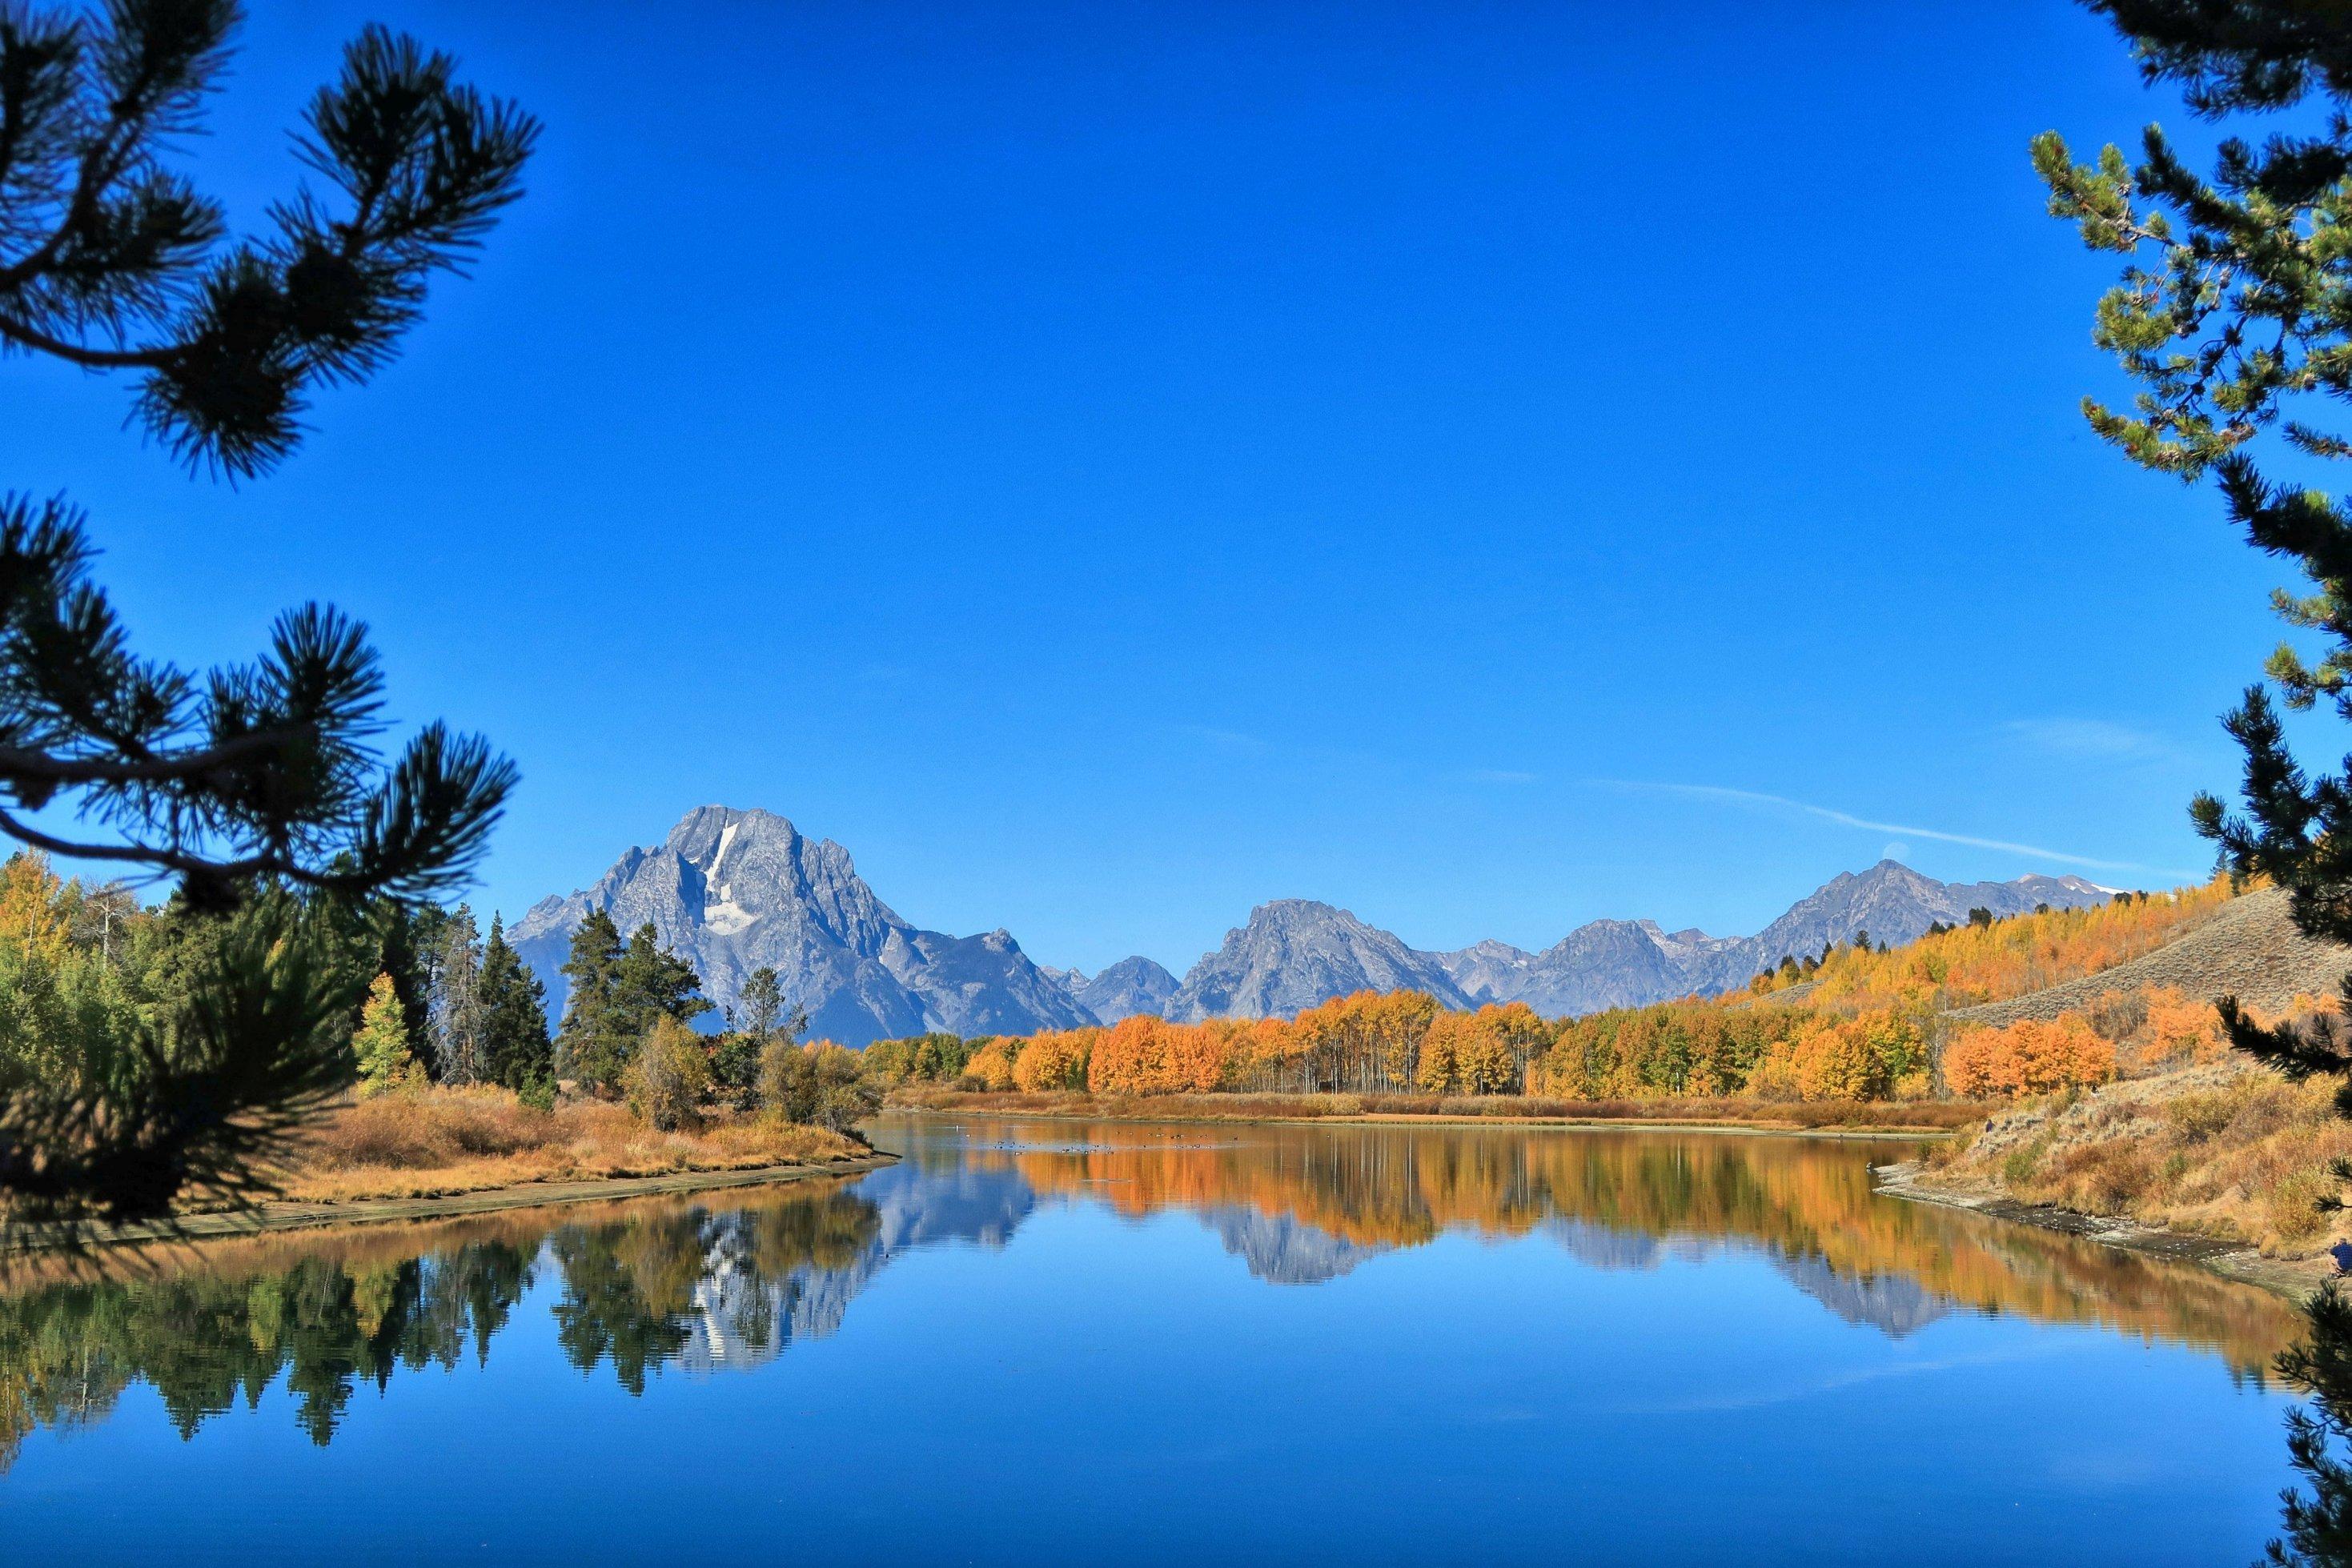 Ein See, im Hintergrund Berge vor blauem Himmel